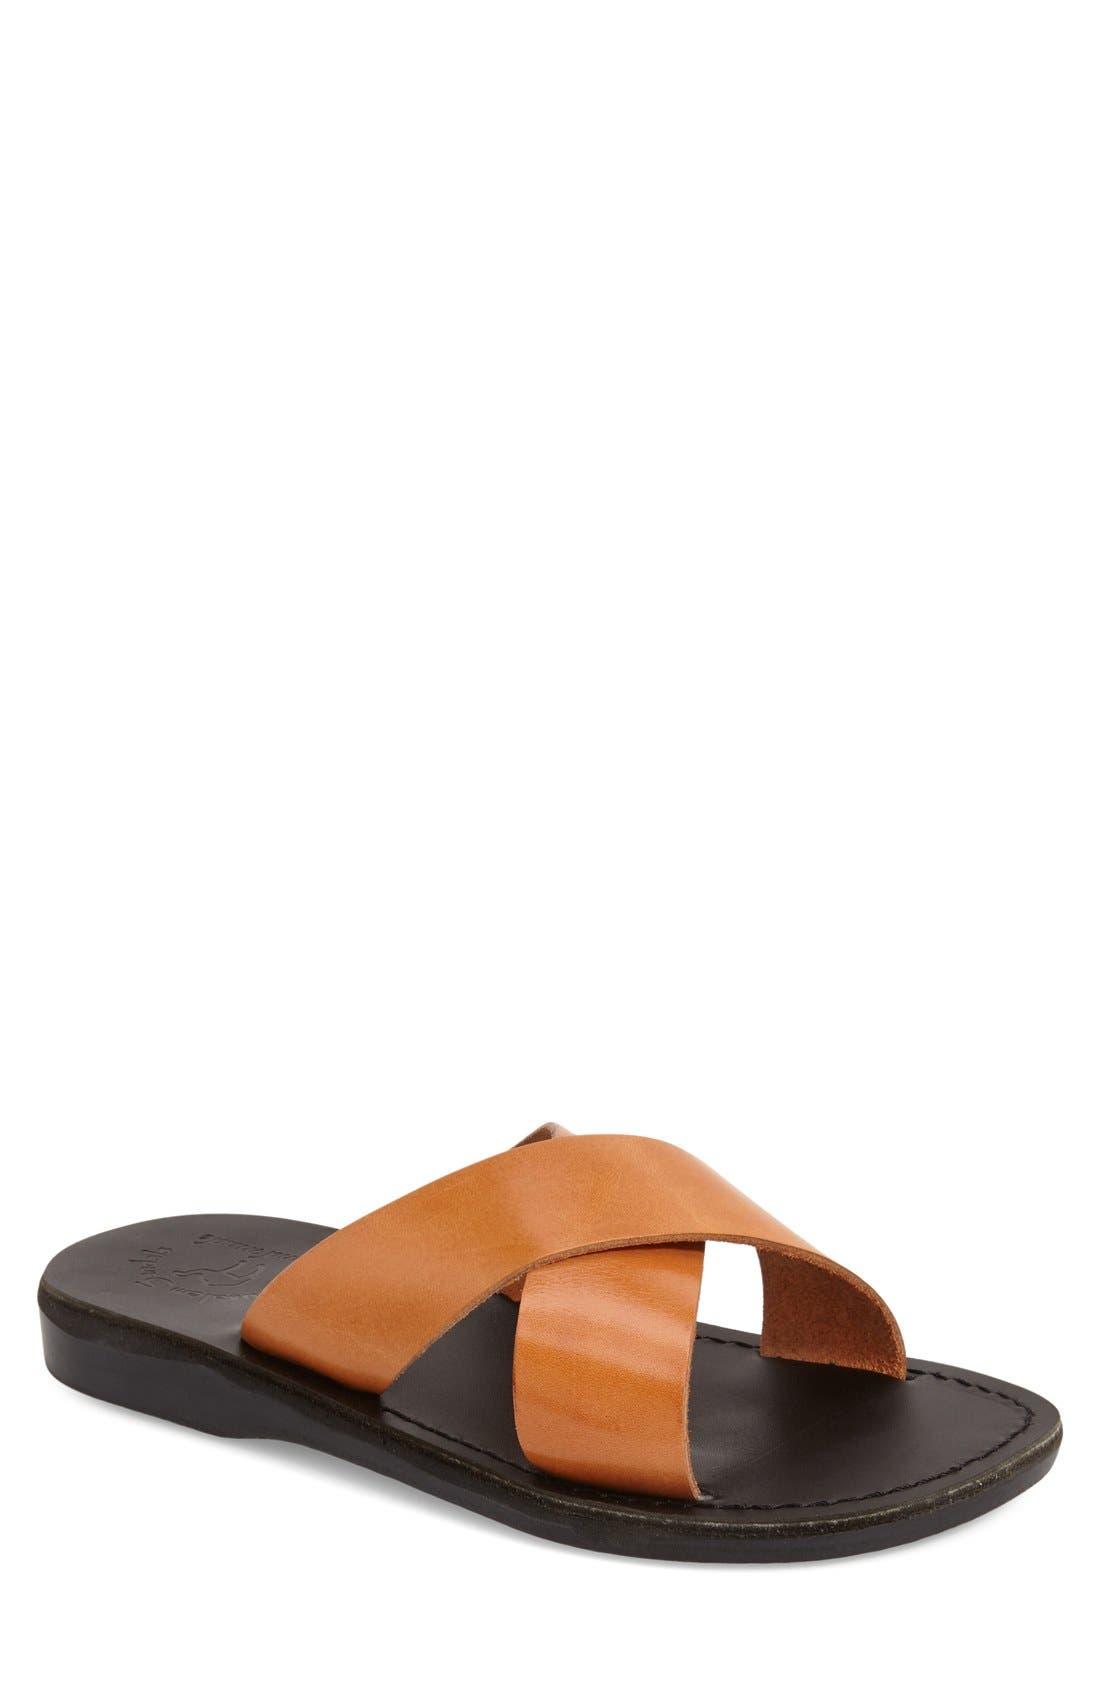 'Elan' Slide Sandal,                             Main thumbnail 1, color,                             TAN LEATHER/ BLACK